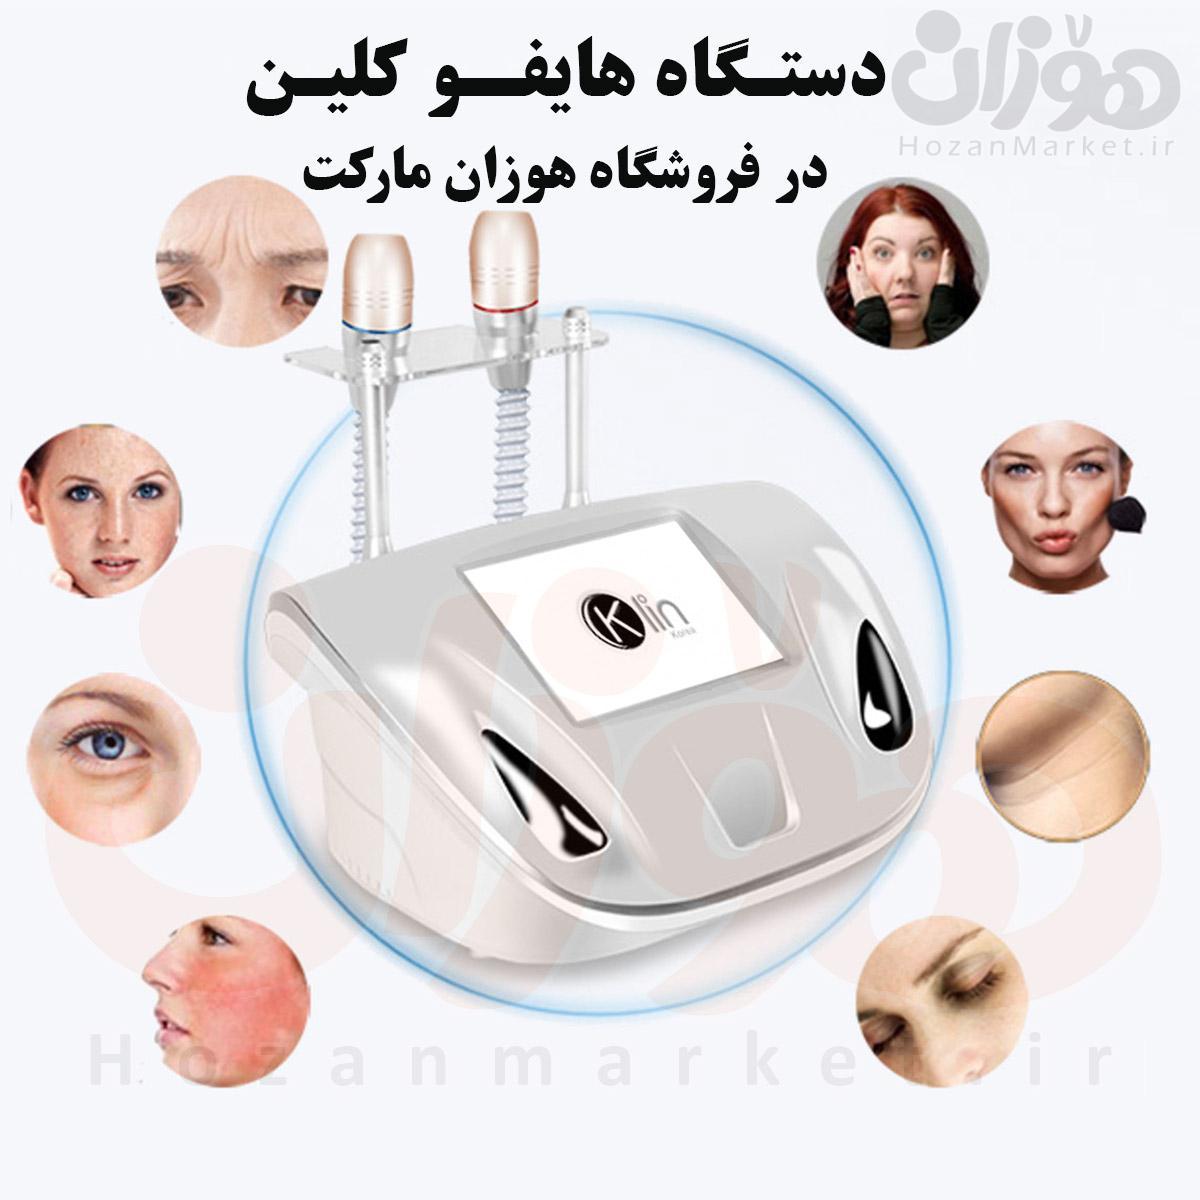 دستگاه جوانسازی پوست هایفو وی مکس کلین